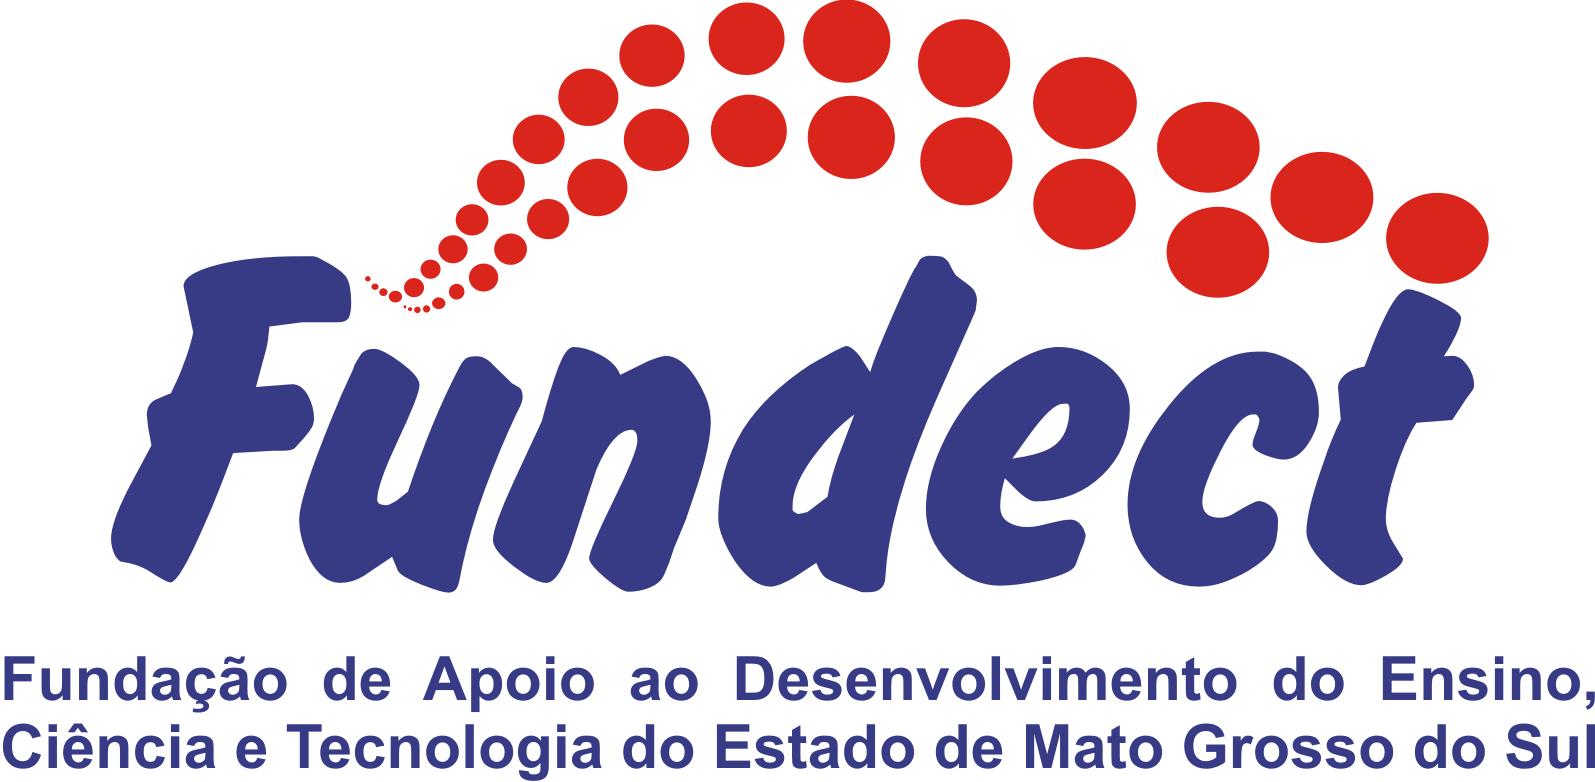 UCDB - Universidade Católica Dom Bosco